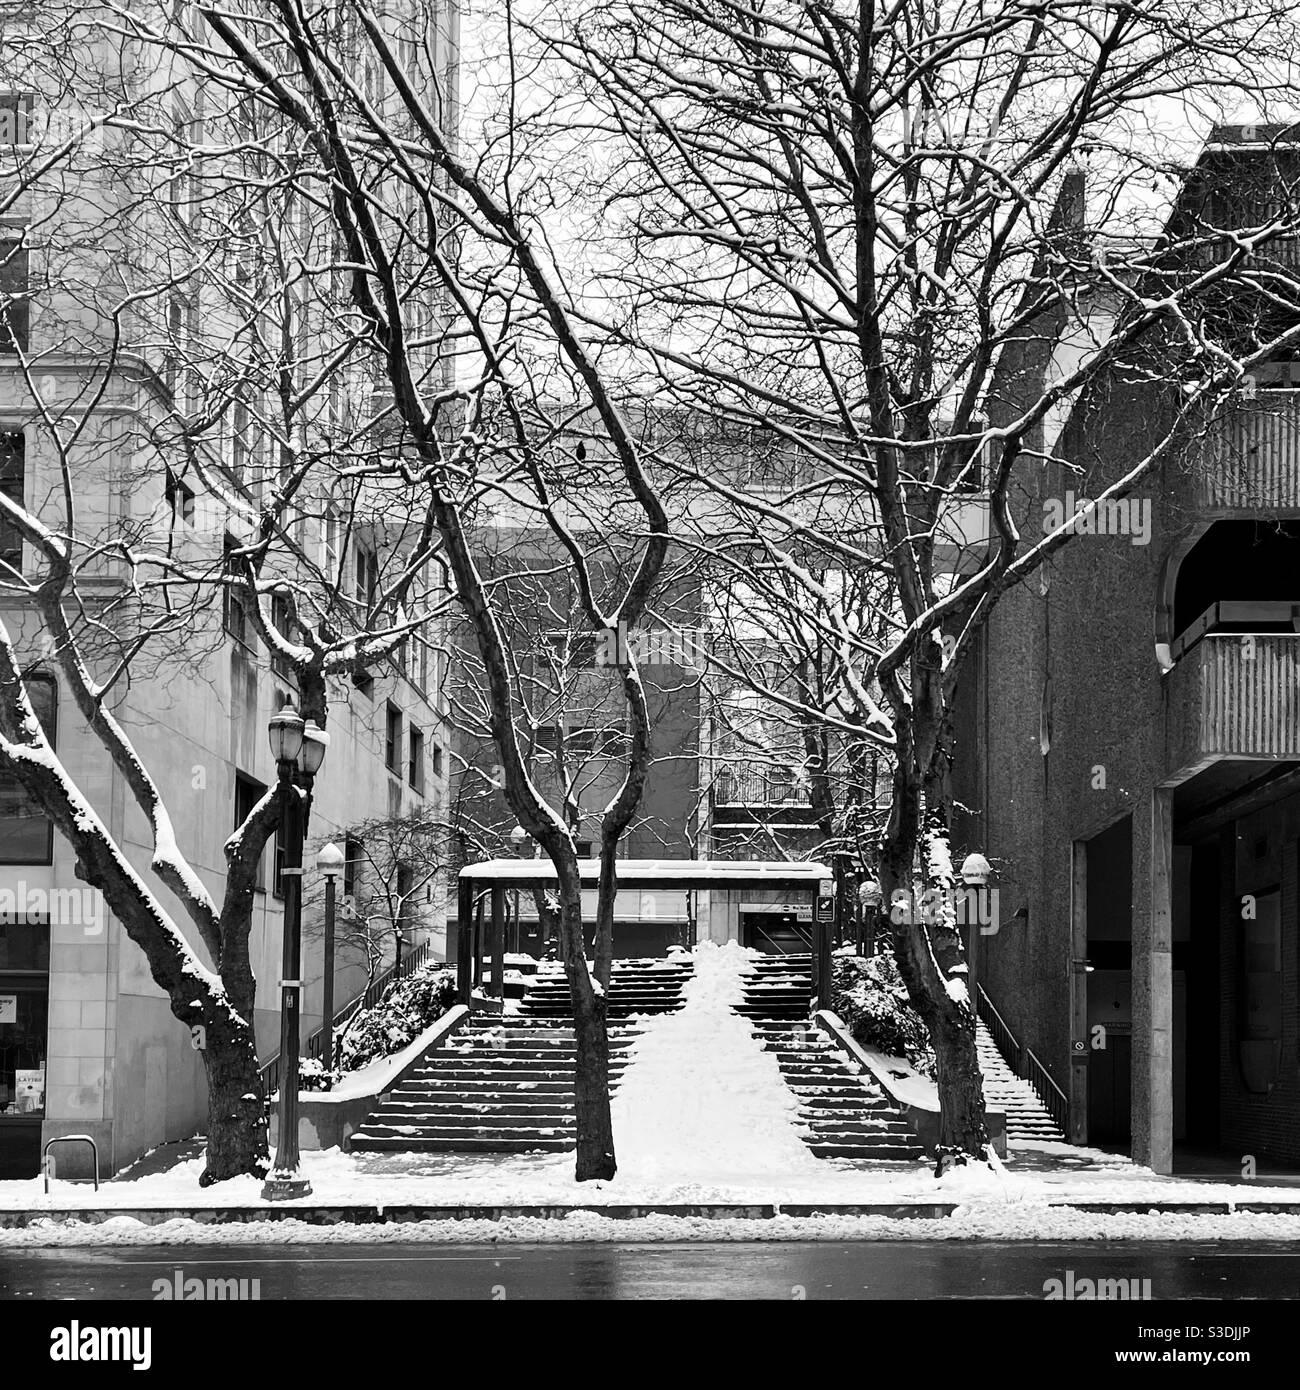 Dans la ville d'hiver Banque D'Images